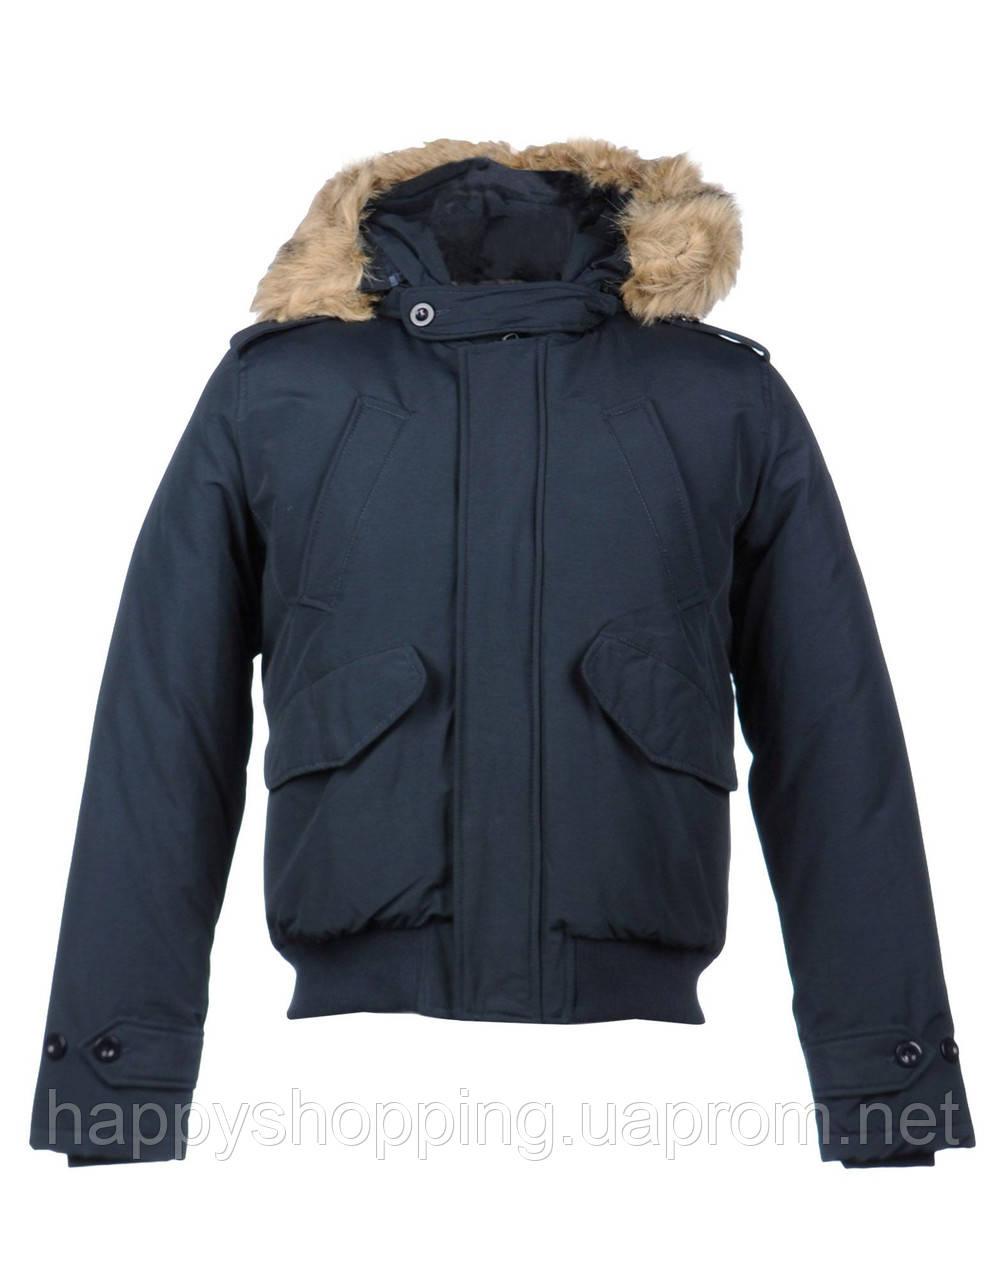 Темно-синяя итальянская мужская куртка с капюшоном Datch